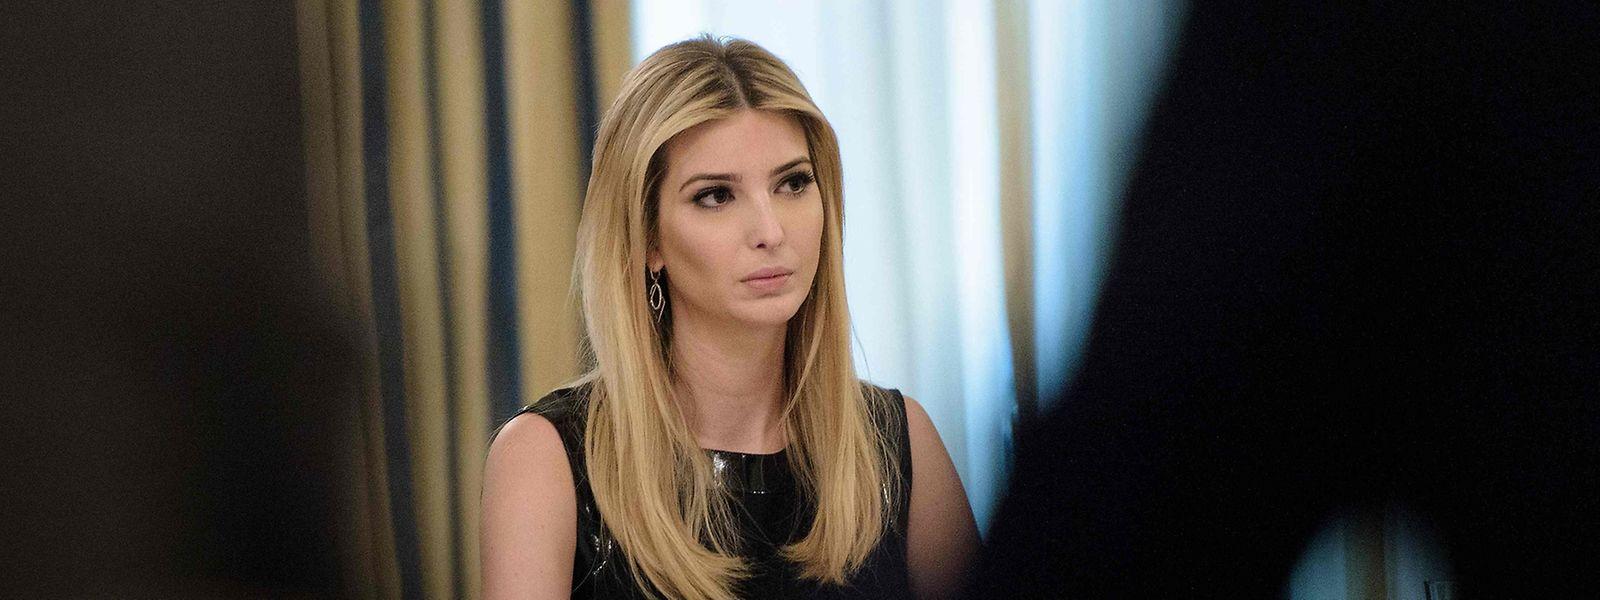 """Ivanka Trump - so ihr Vater - sei """"so unfair behandelt worden""""."""